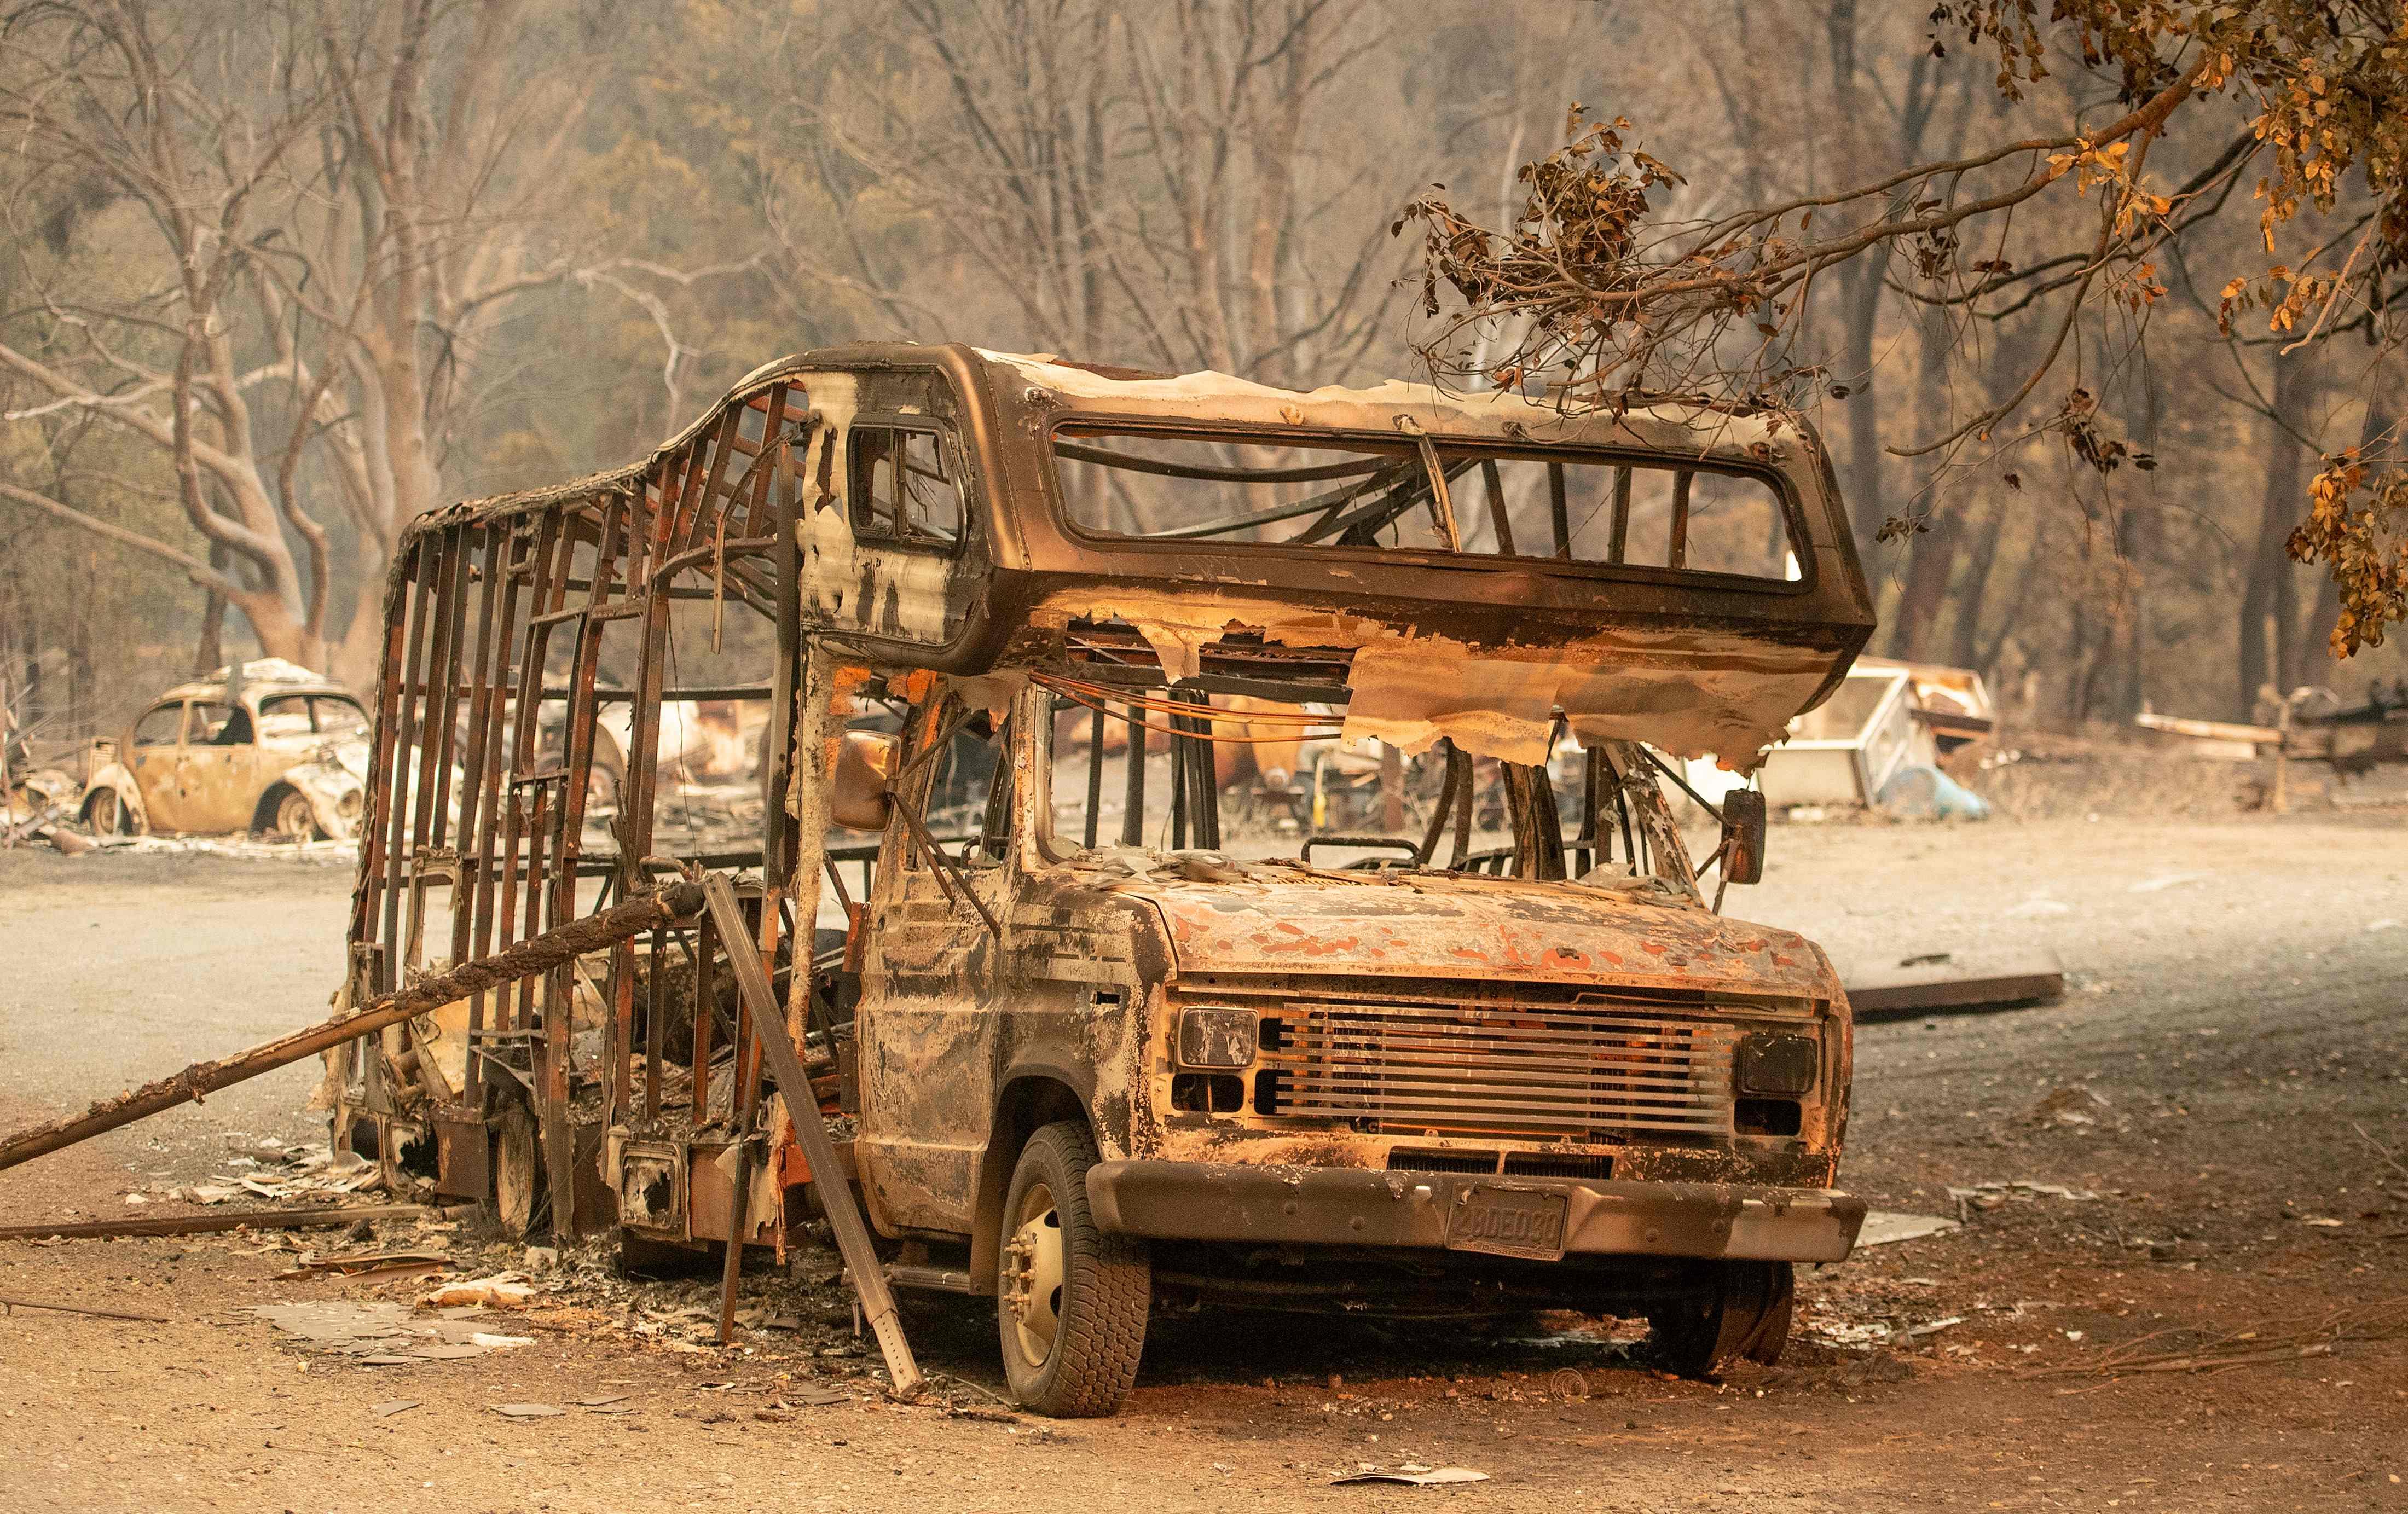 النيران التهمت حافلة